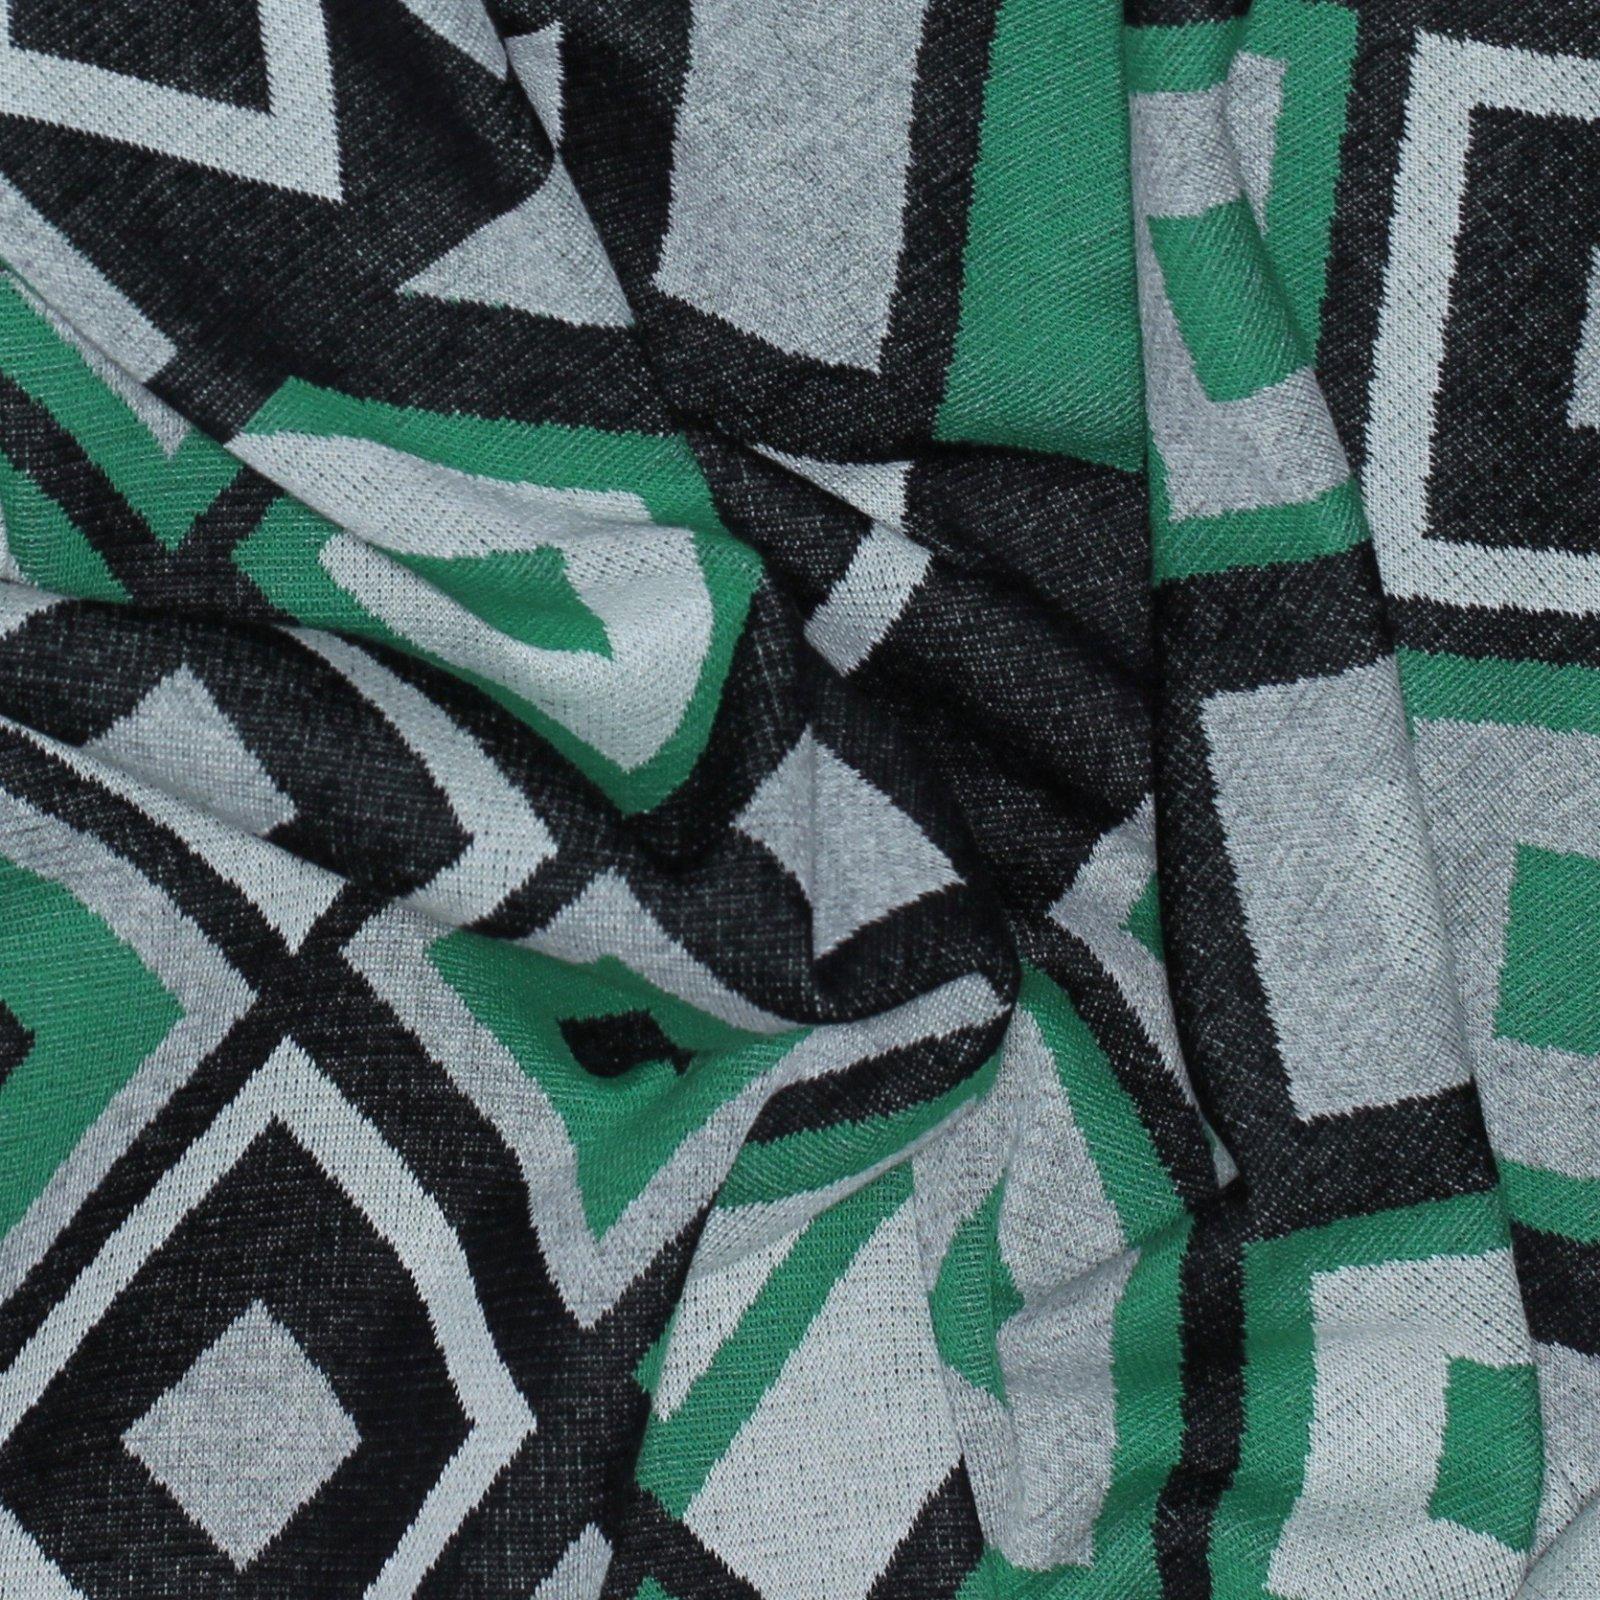 Green/Black Geometric Jacquard Italian Knit